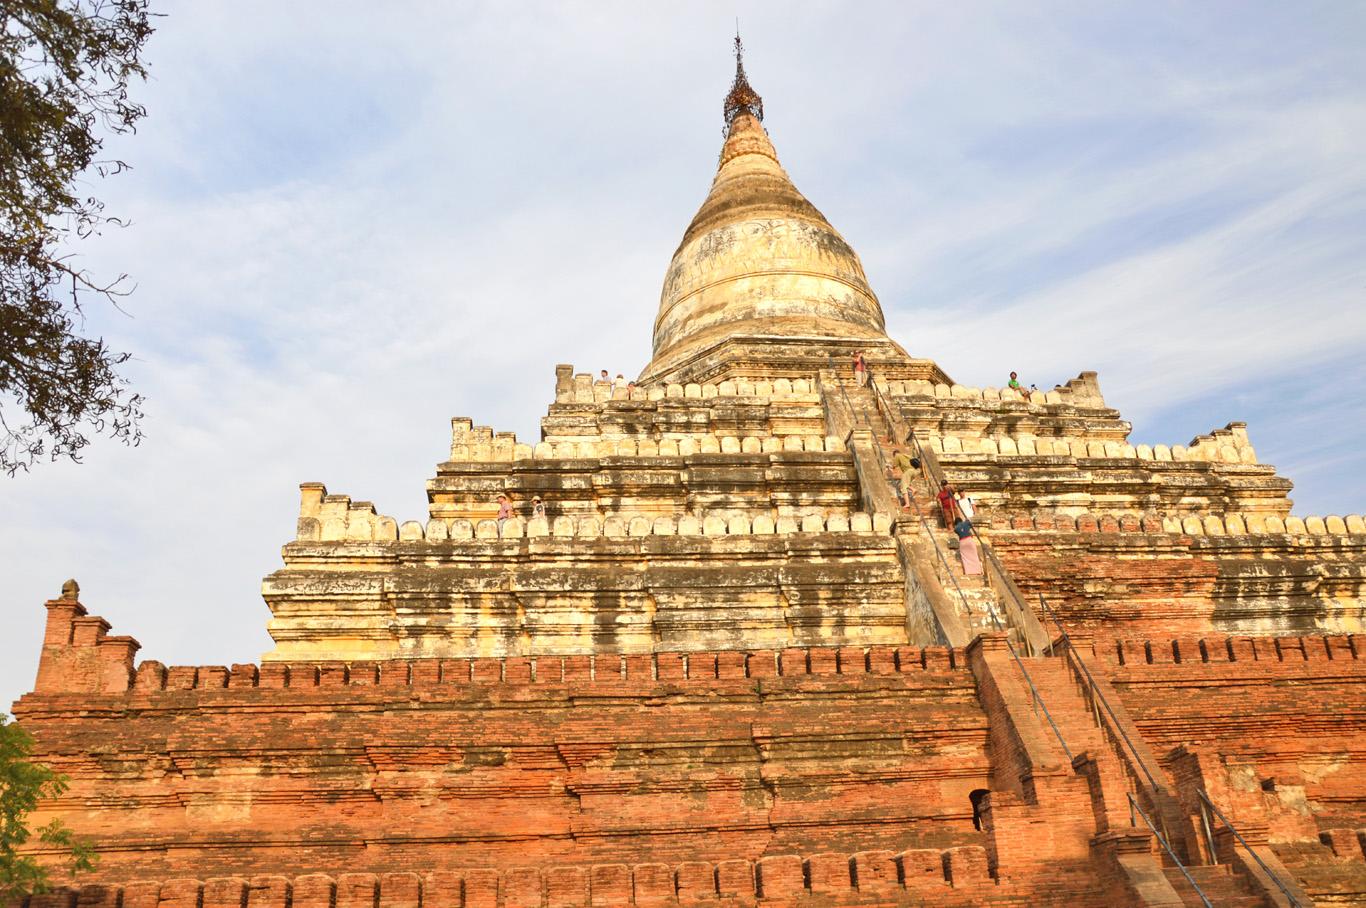 Shwesandaw Pagoda - the sunset temple